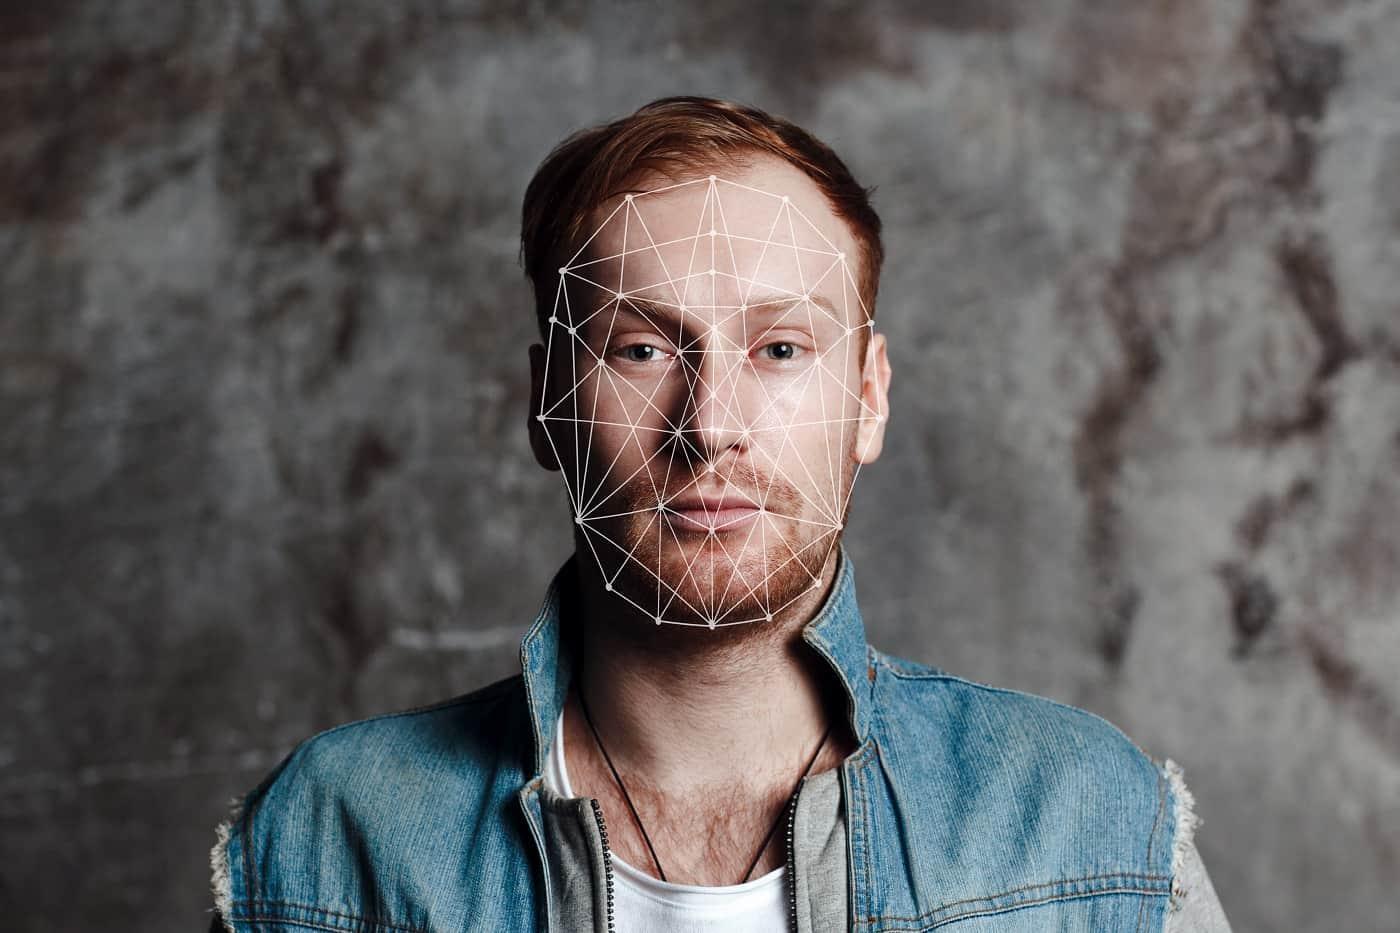 Imagen de reconocimiento facial